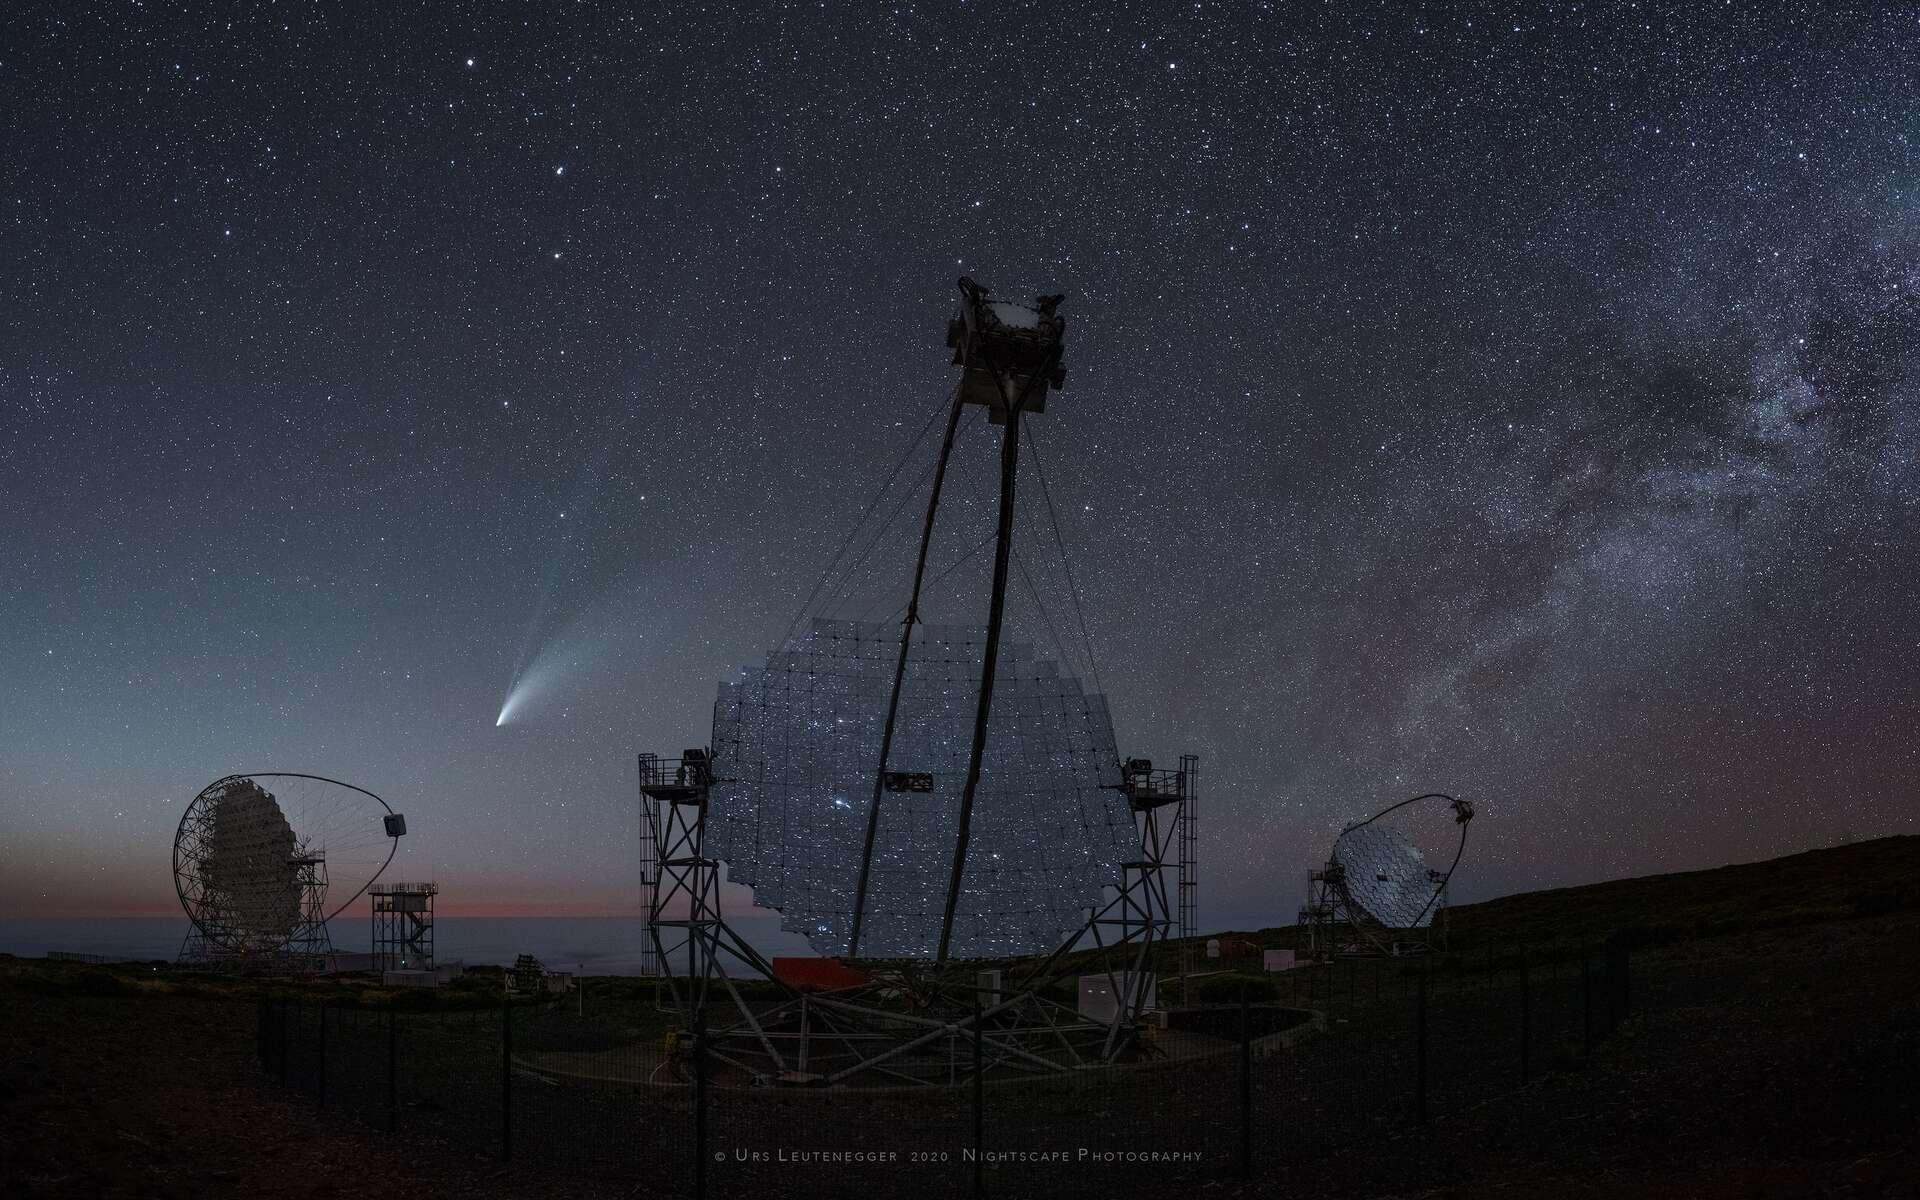 La comète Neowise photographiée dans le ciel des Canaries, au-dessus des télescopes de 17 mètres de diamètre de l'observatoire Roque de los Muchachos. © Urs Leutenegger, Apod (Nasa)